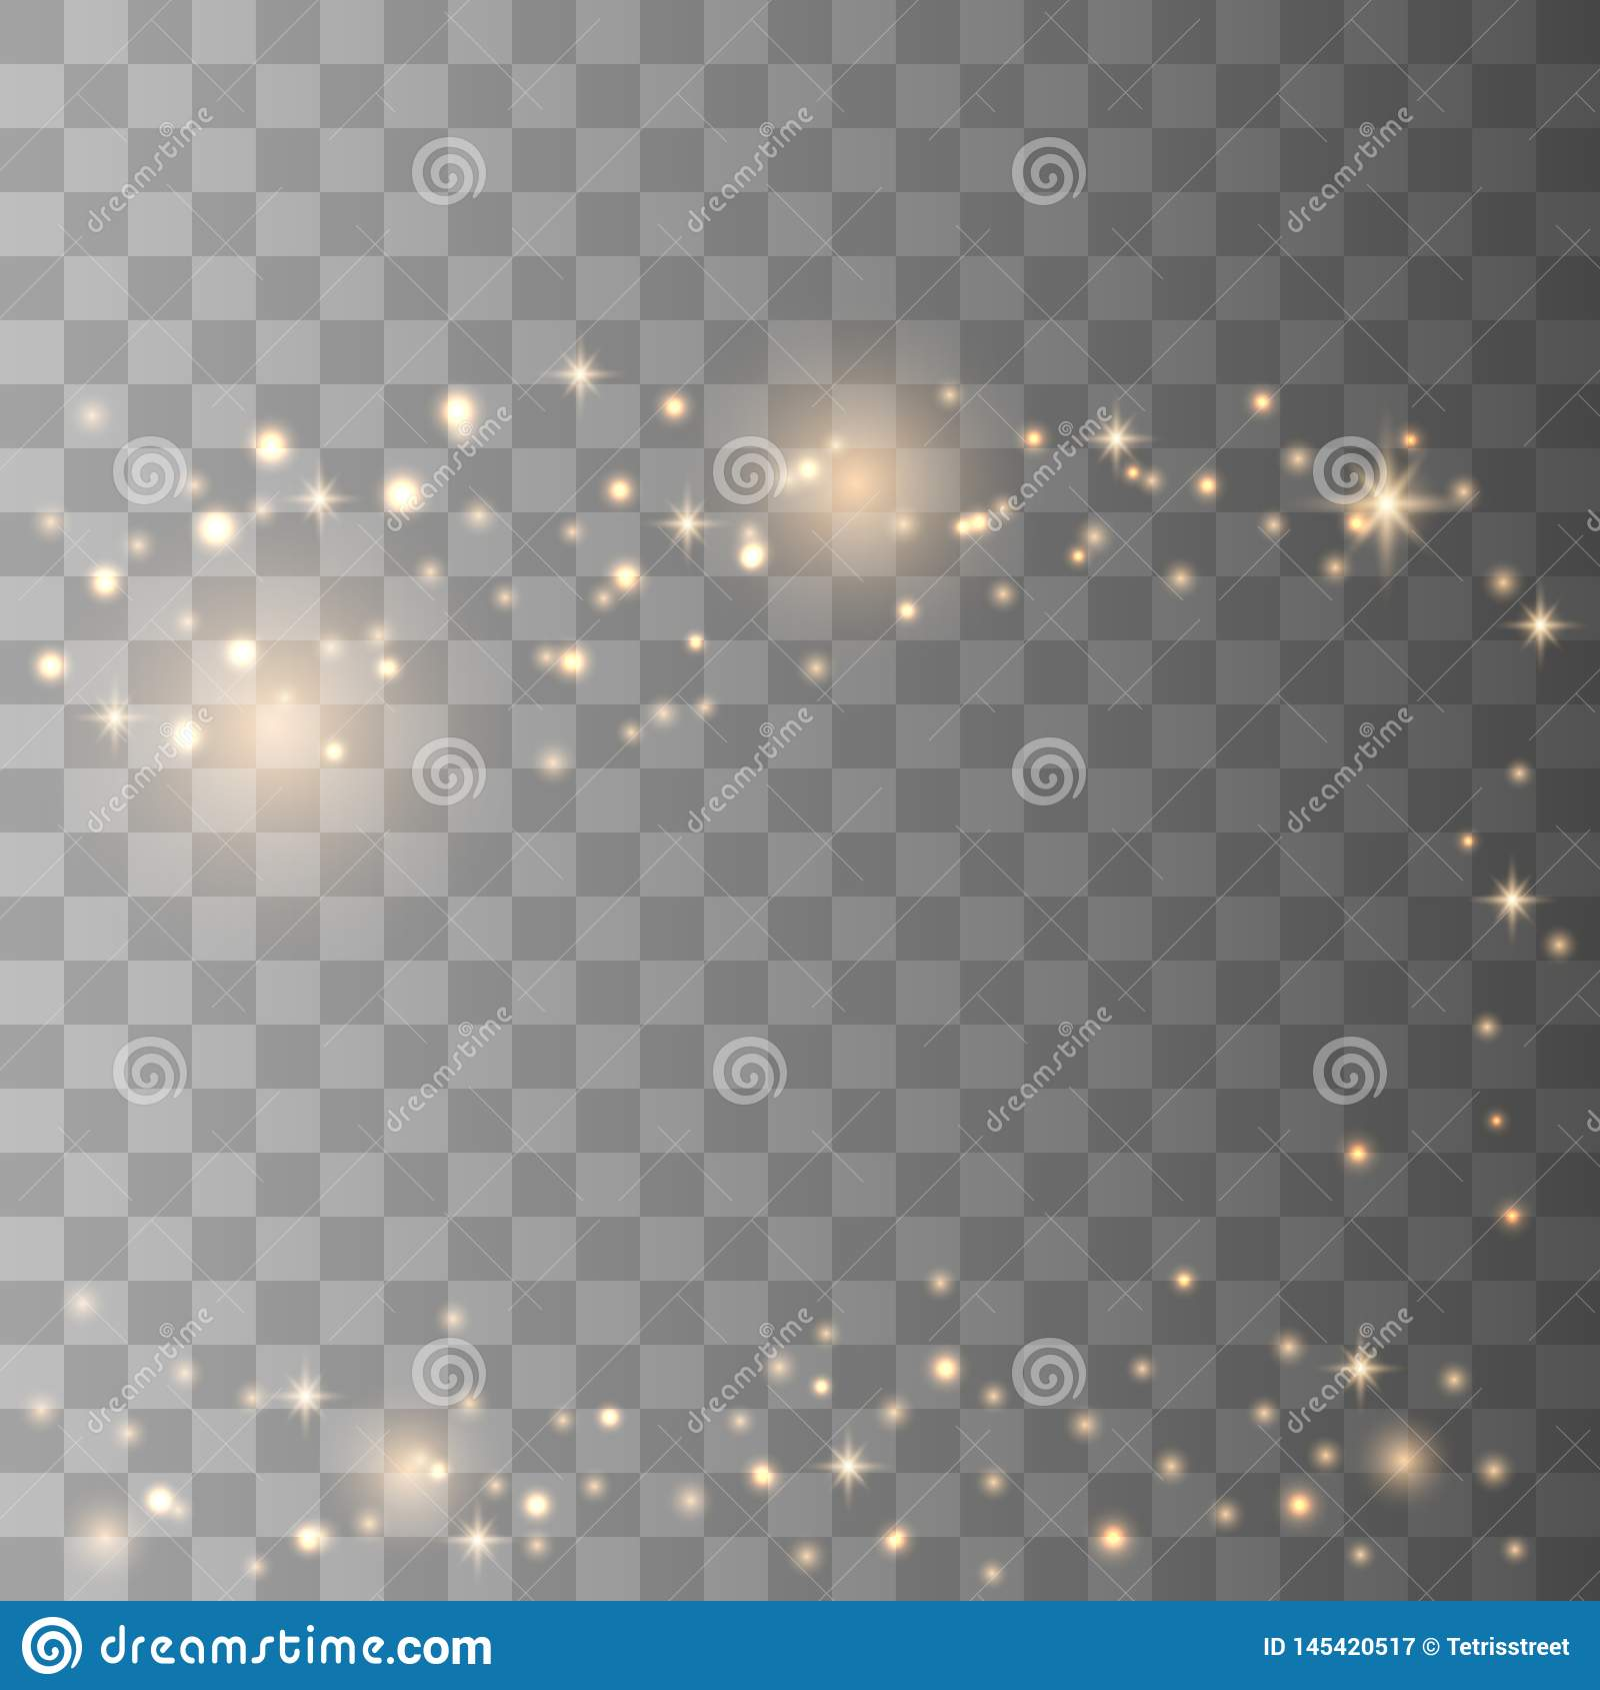 Star dust sparks